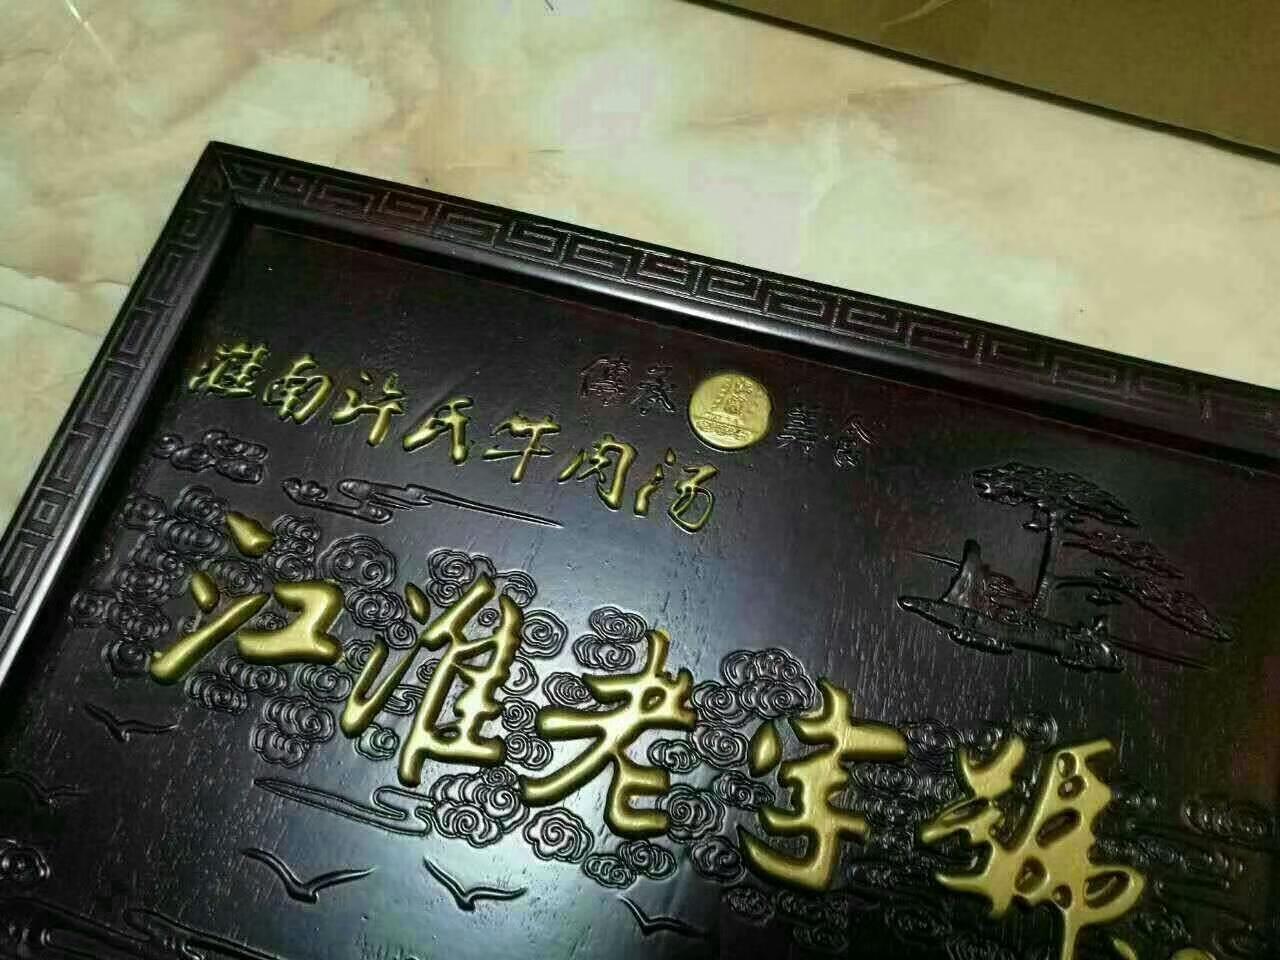 淮南许氏牛肉汤餐饮管理有限公司加盟案例图片